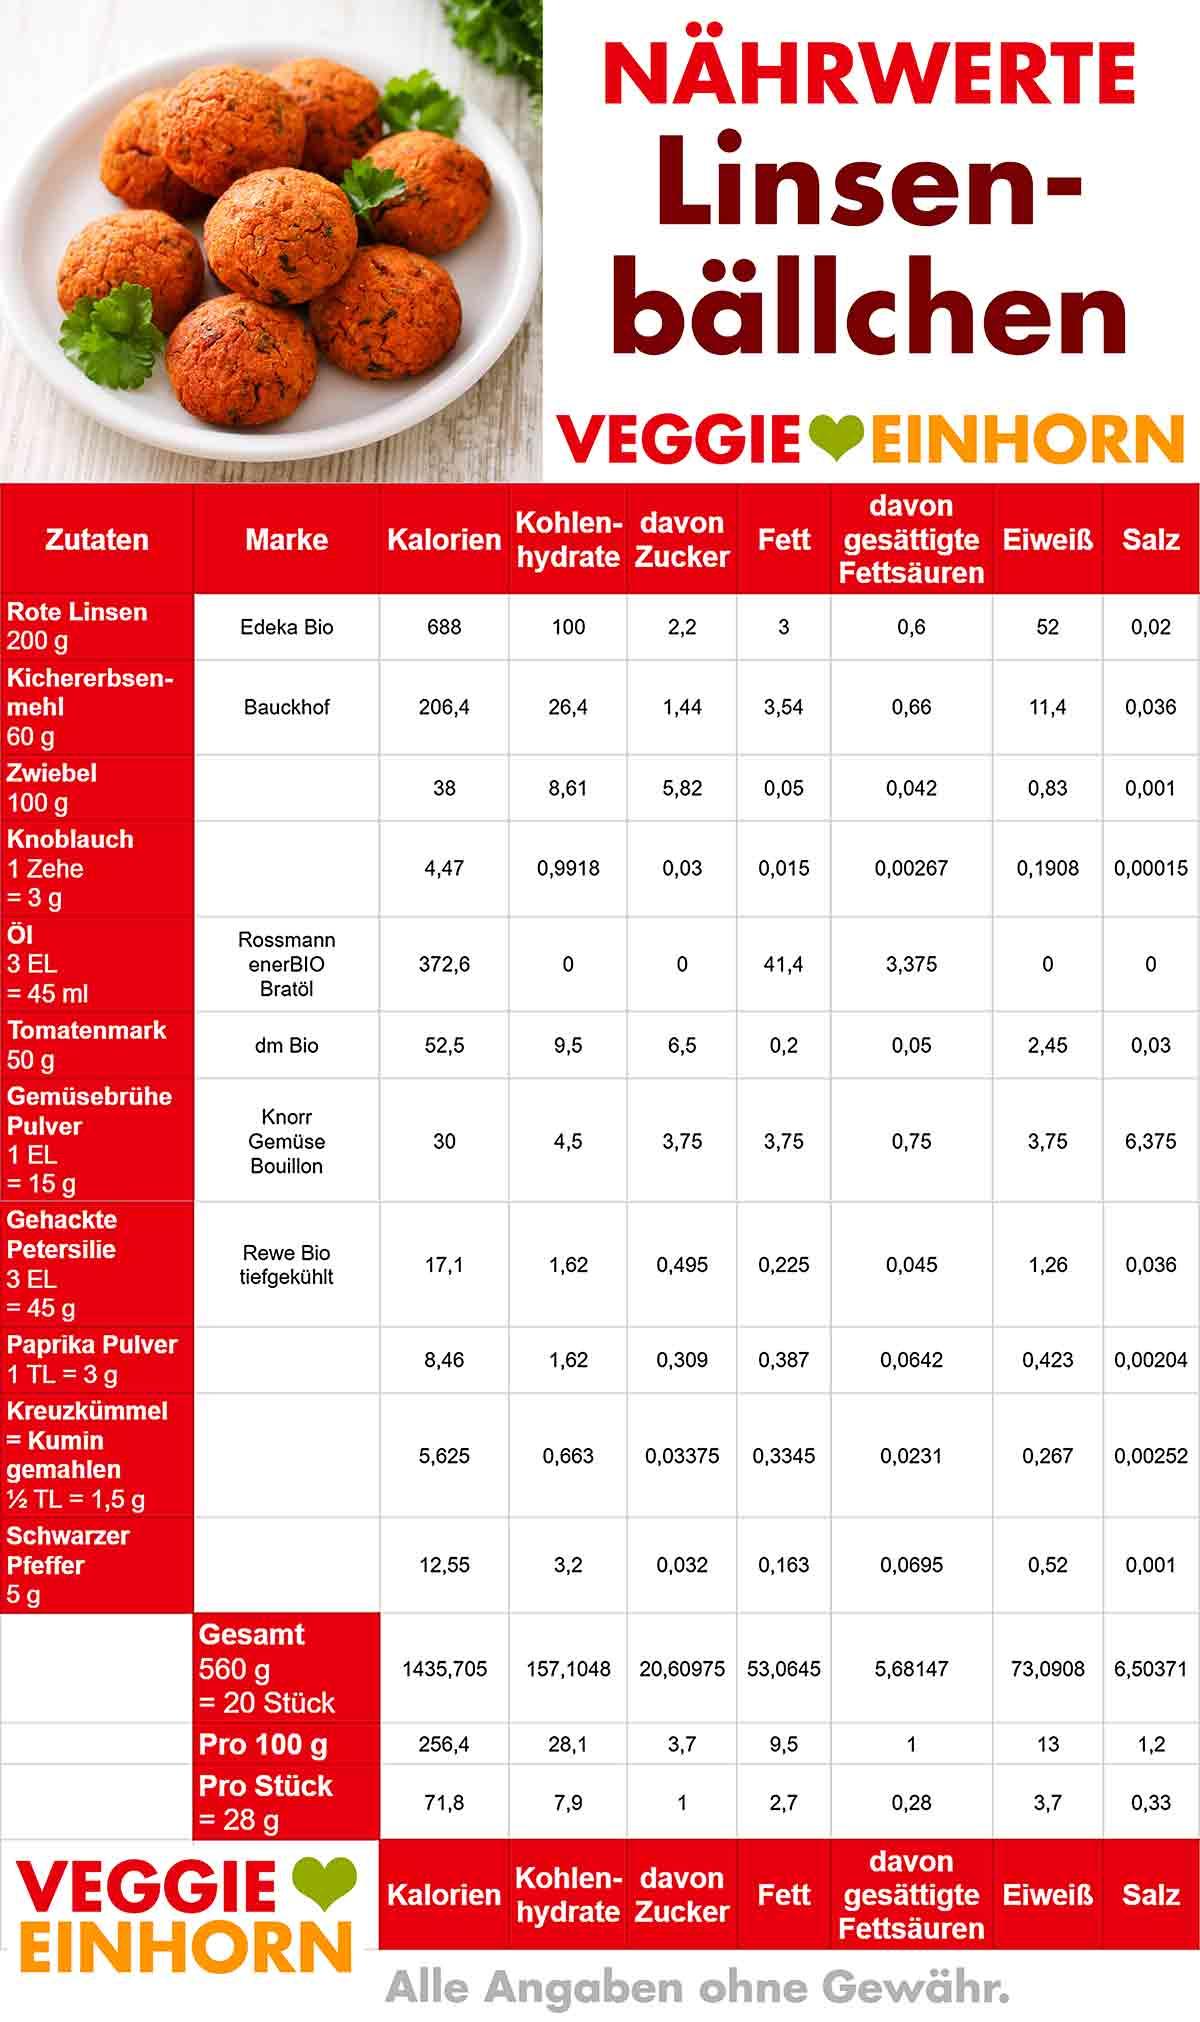 Nährwerte Tabelle von Linsenbällchen